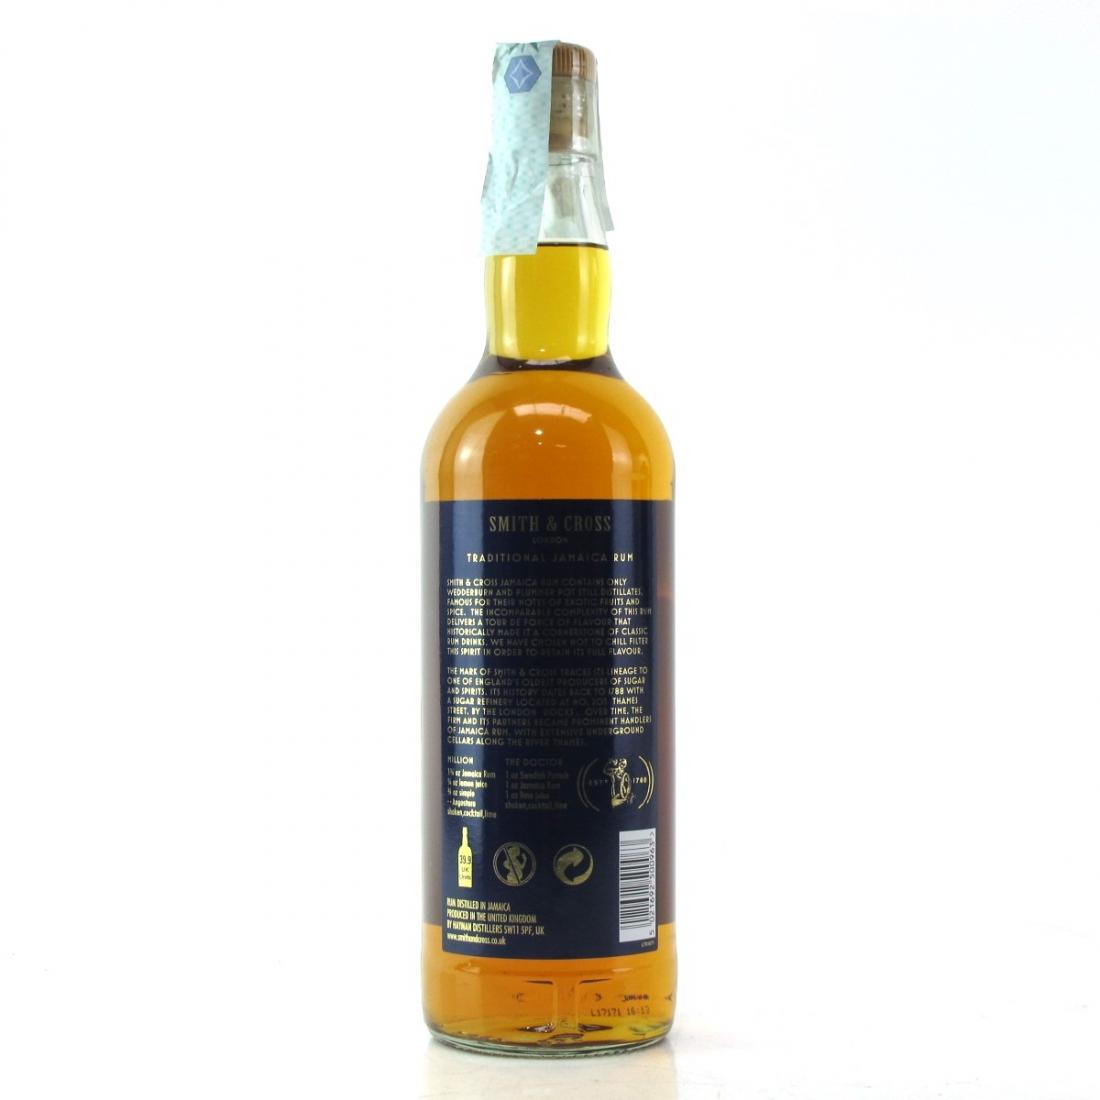 Smith and Cross Plummer & Wedderburn Pot Still Jamaica Rum